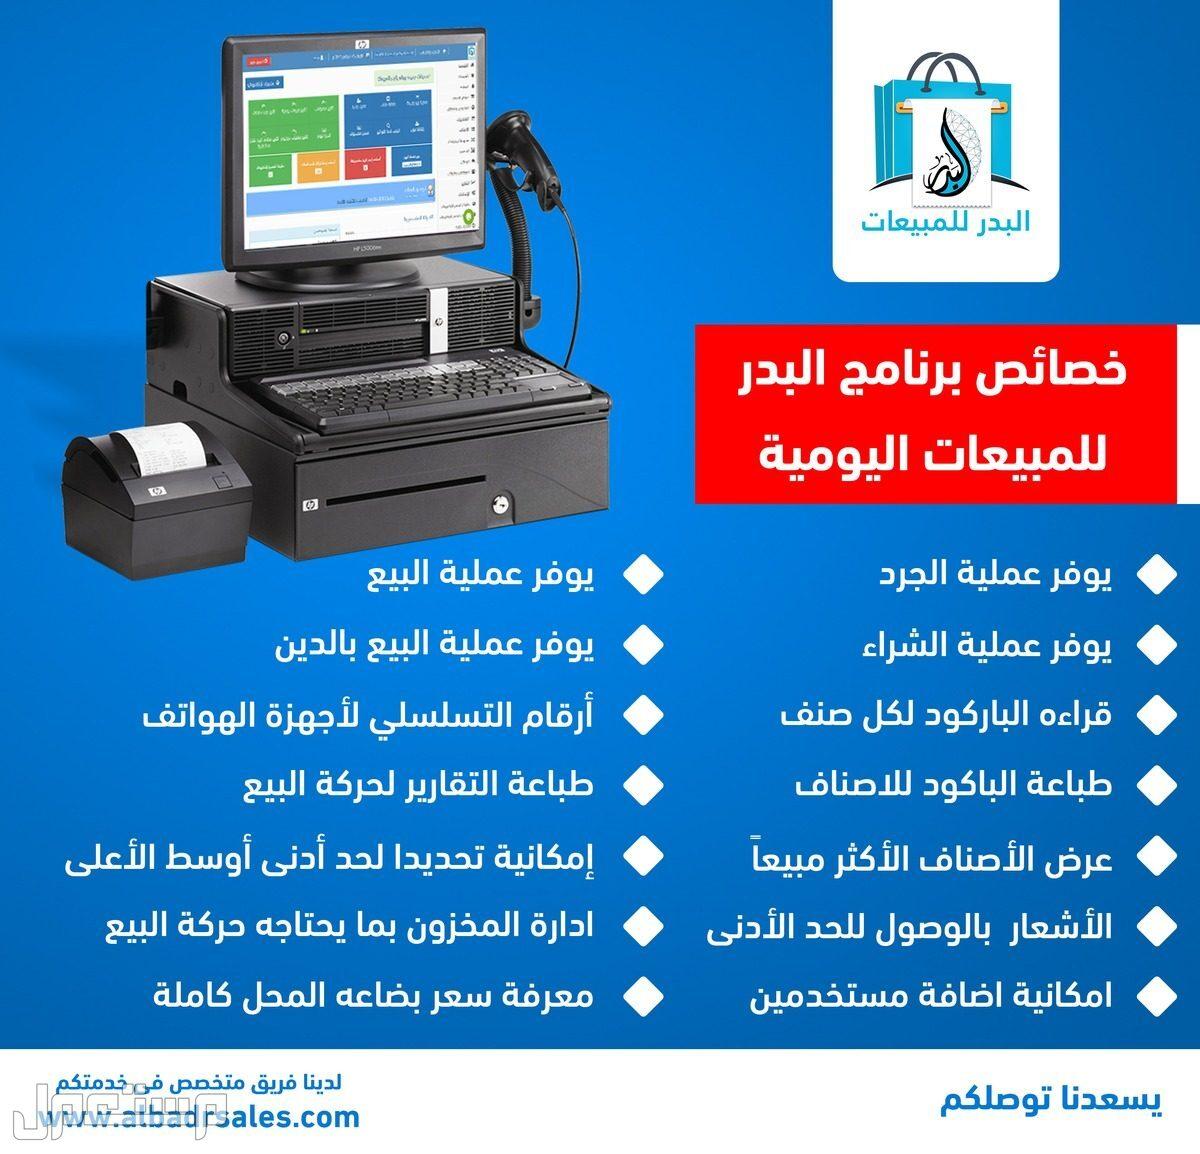 برنامج نقاط بيع و كاشير للمؤسسات